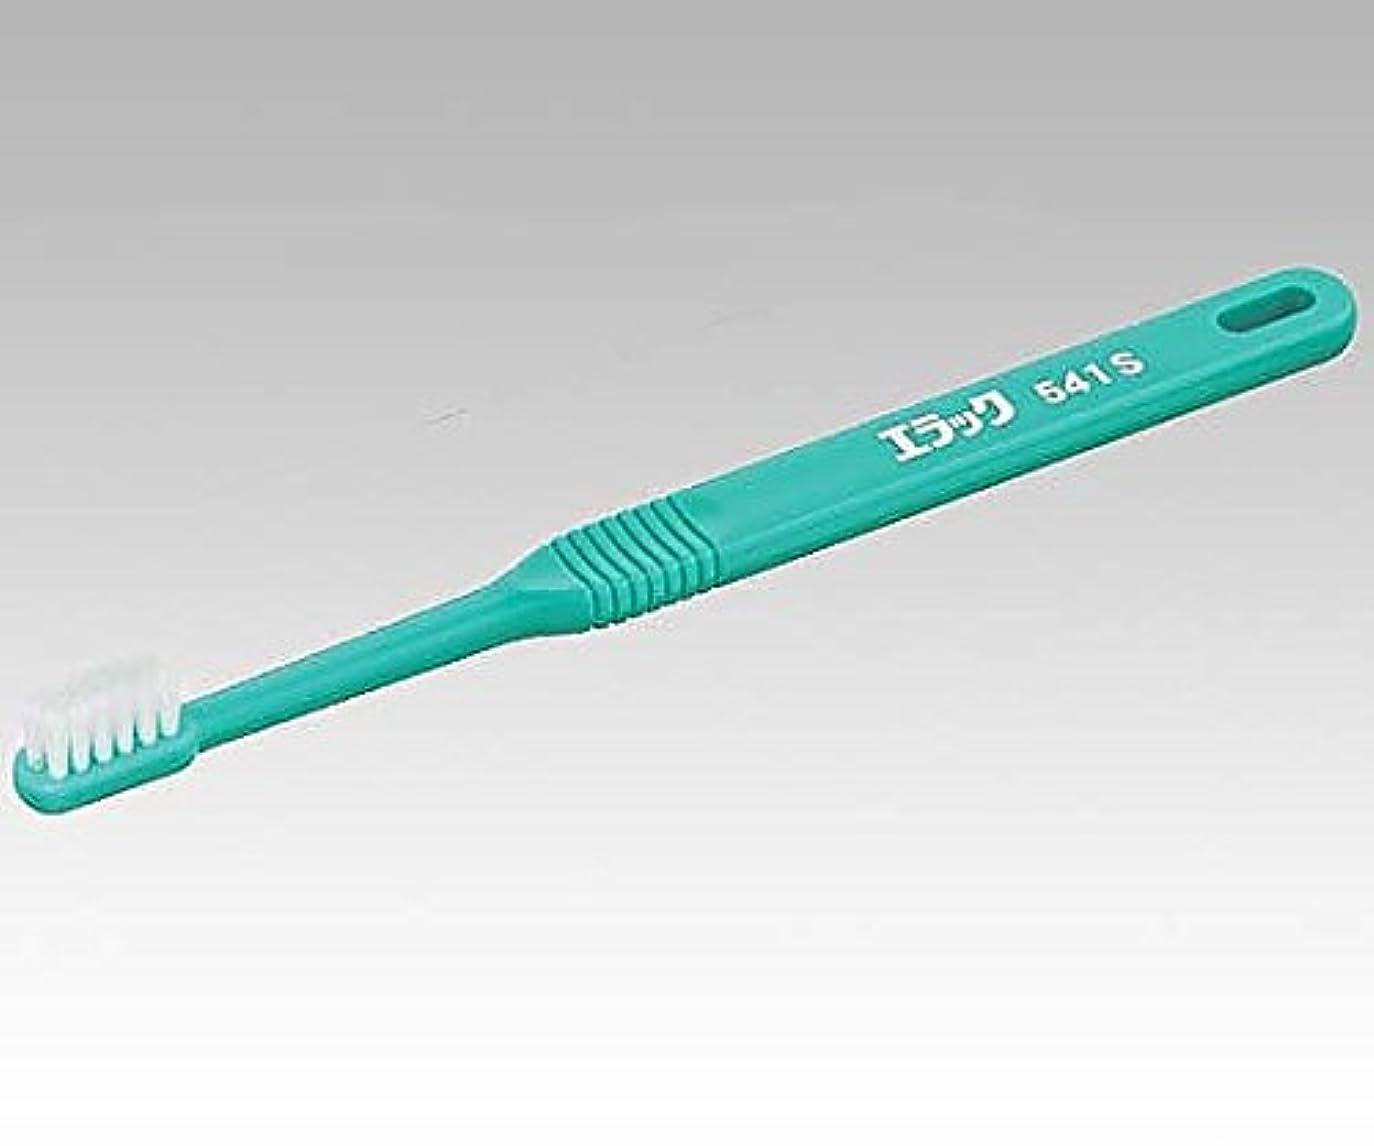 狂人論争の的個人ライオン8-7892-13介助用歯ブラシ(ソフト/20箱入)